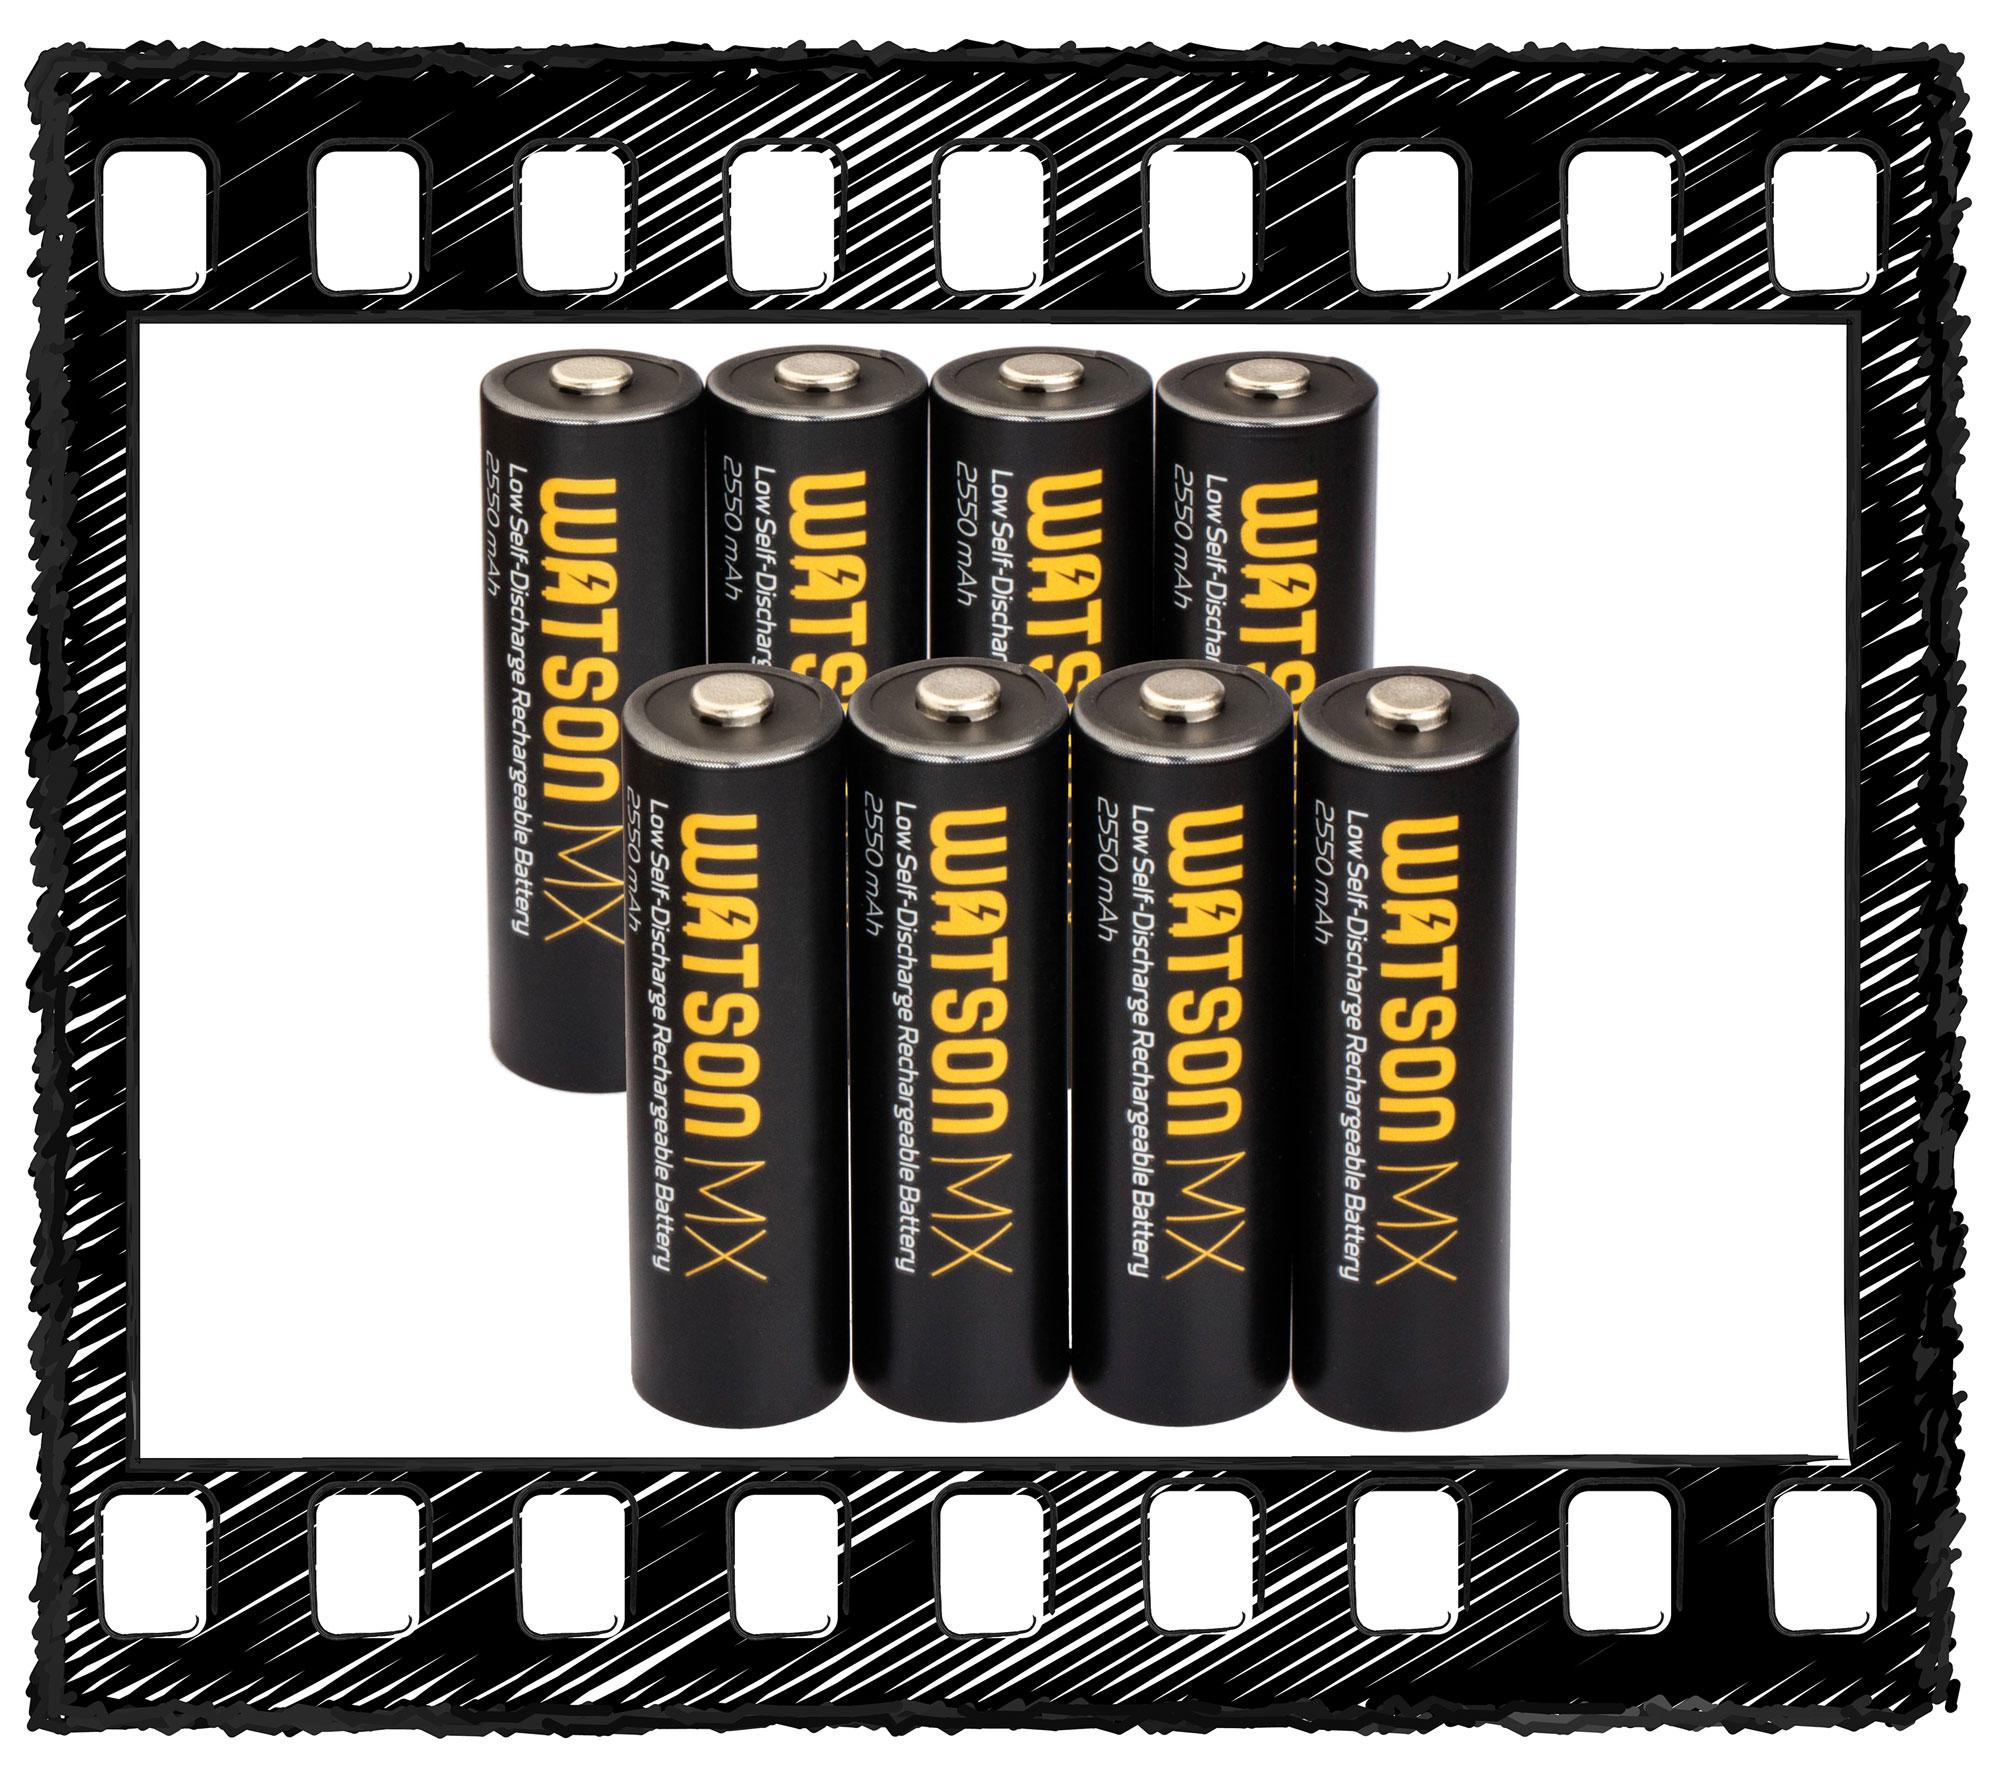 Watson MX AA NiMH Batteries